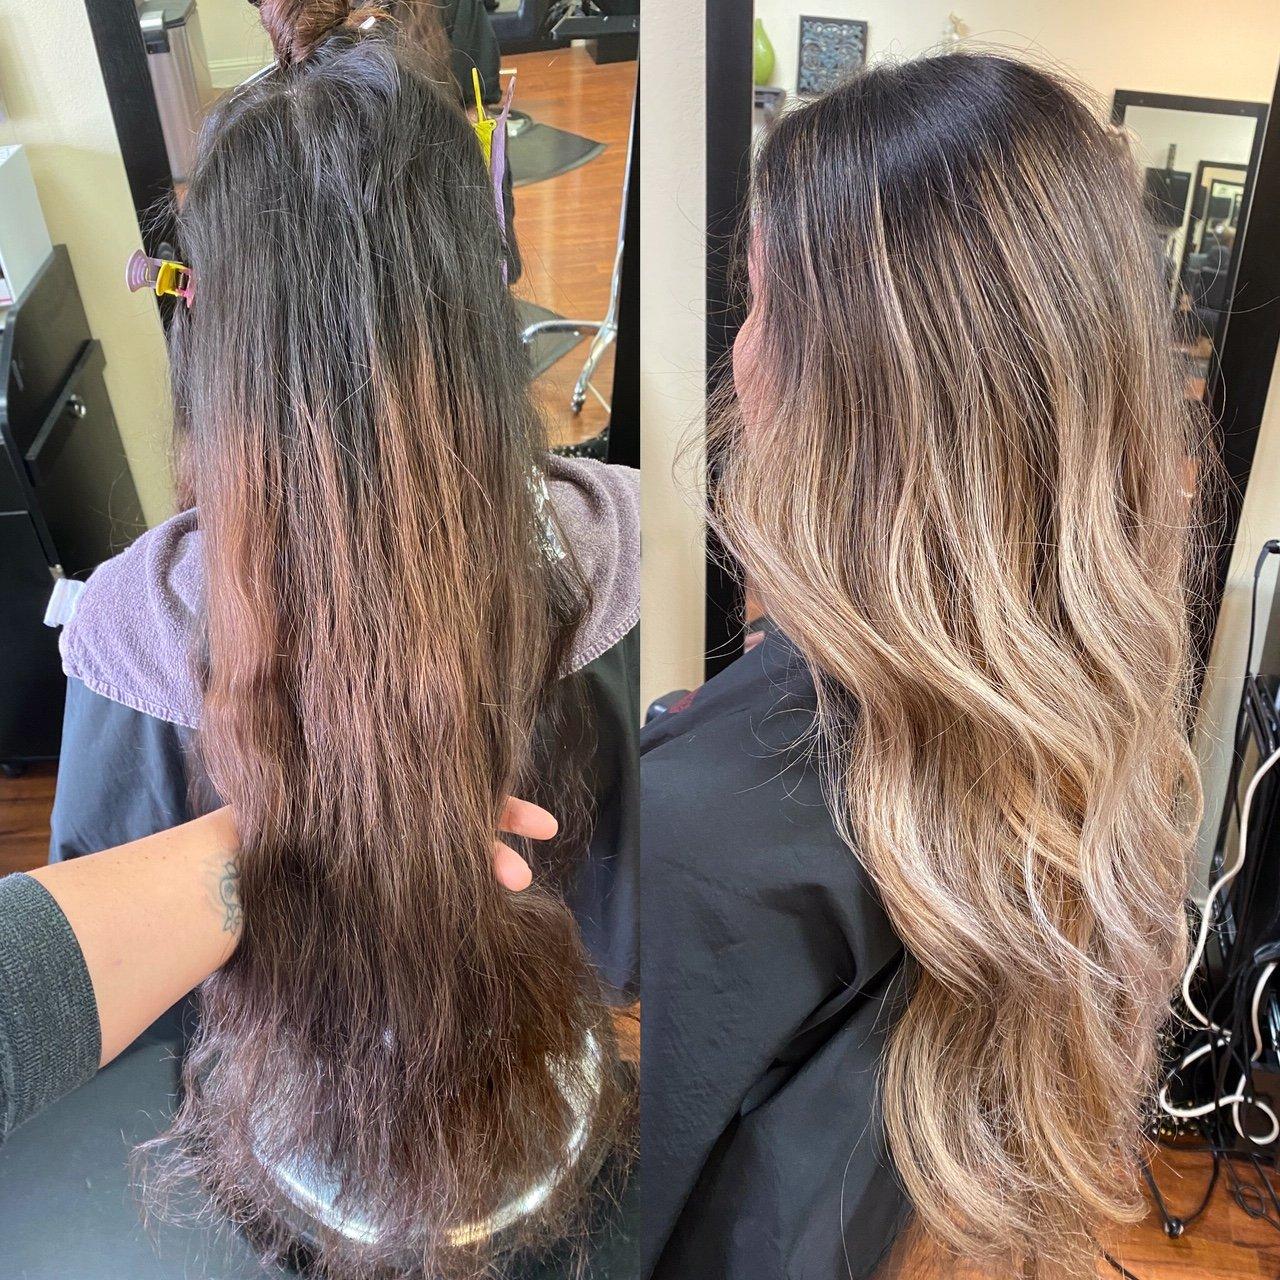 Hair Style Photos 2